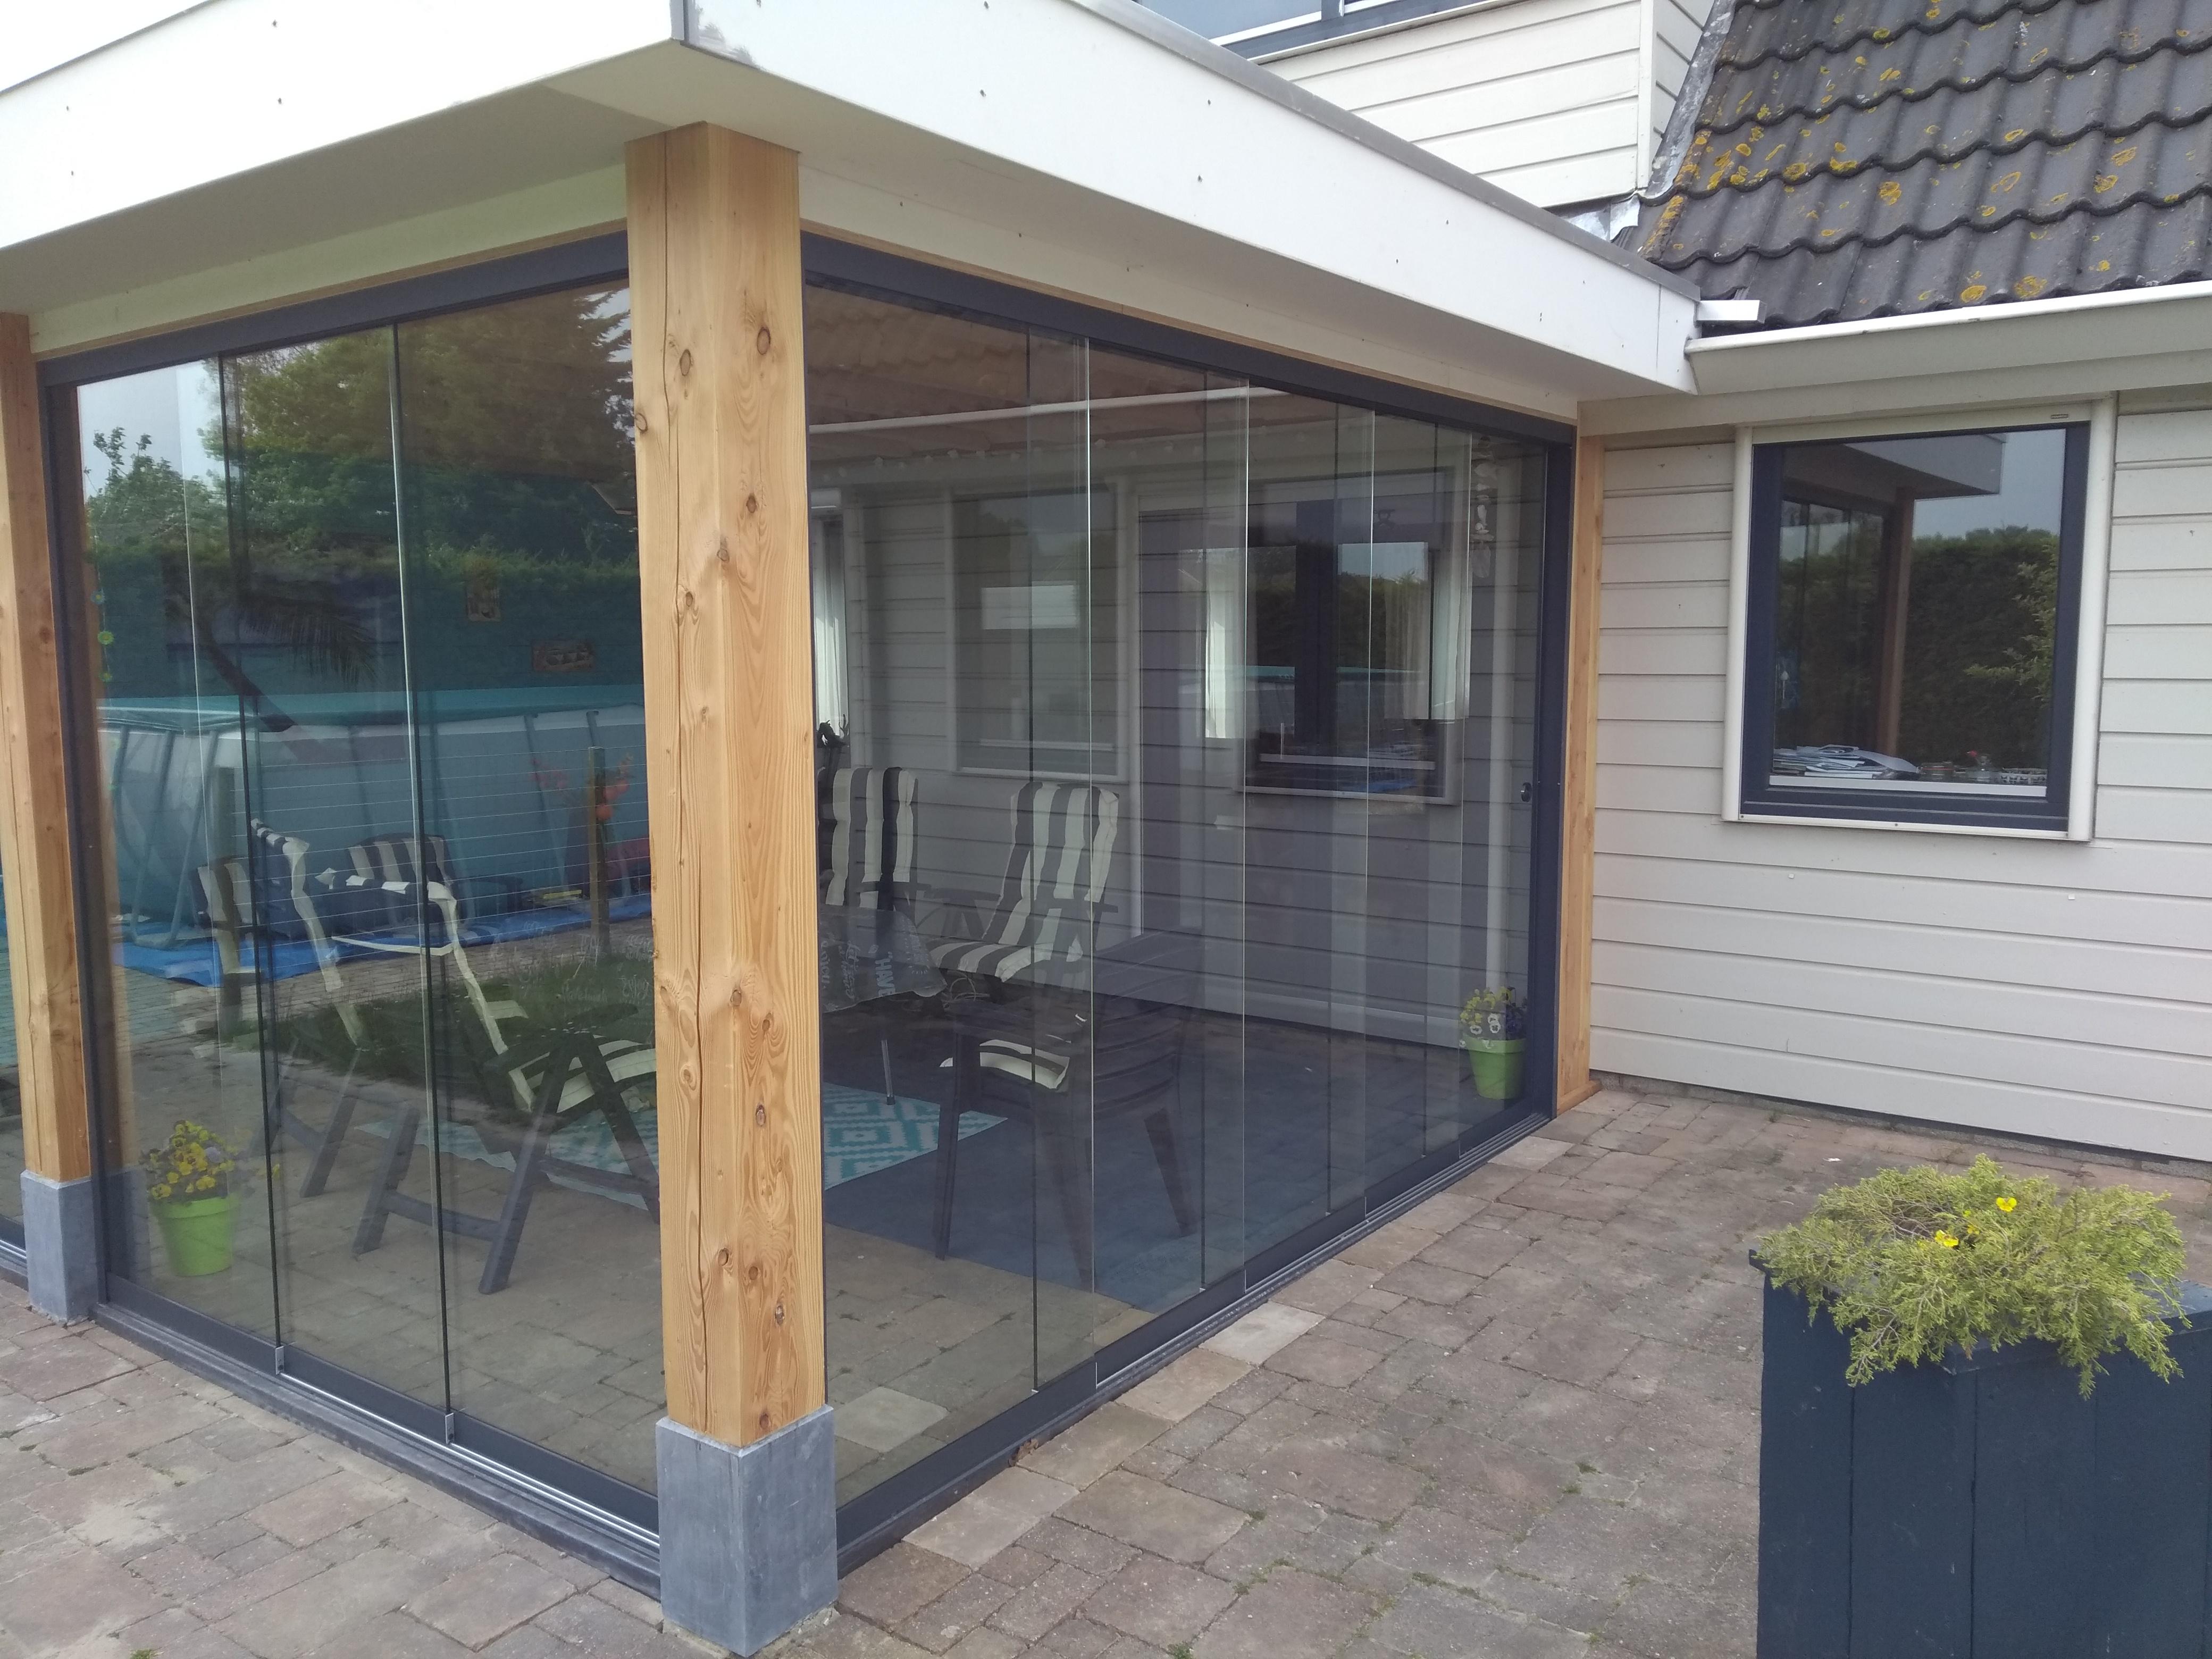 Douglas hout veranda glazen schuifwand